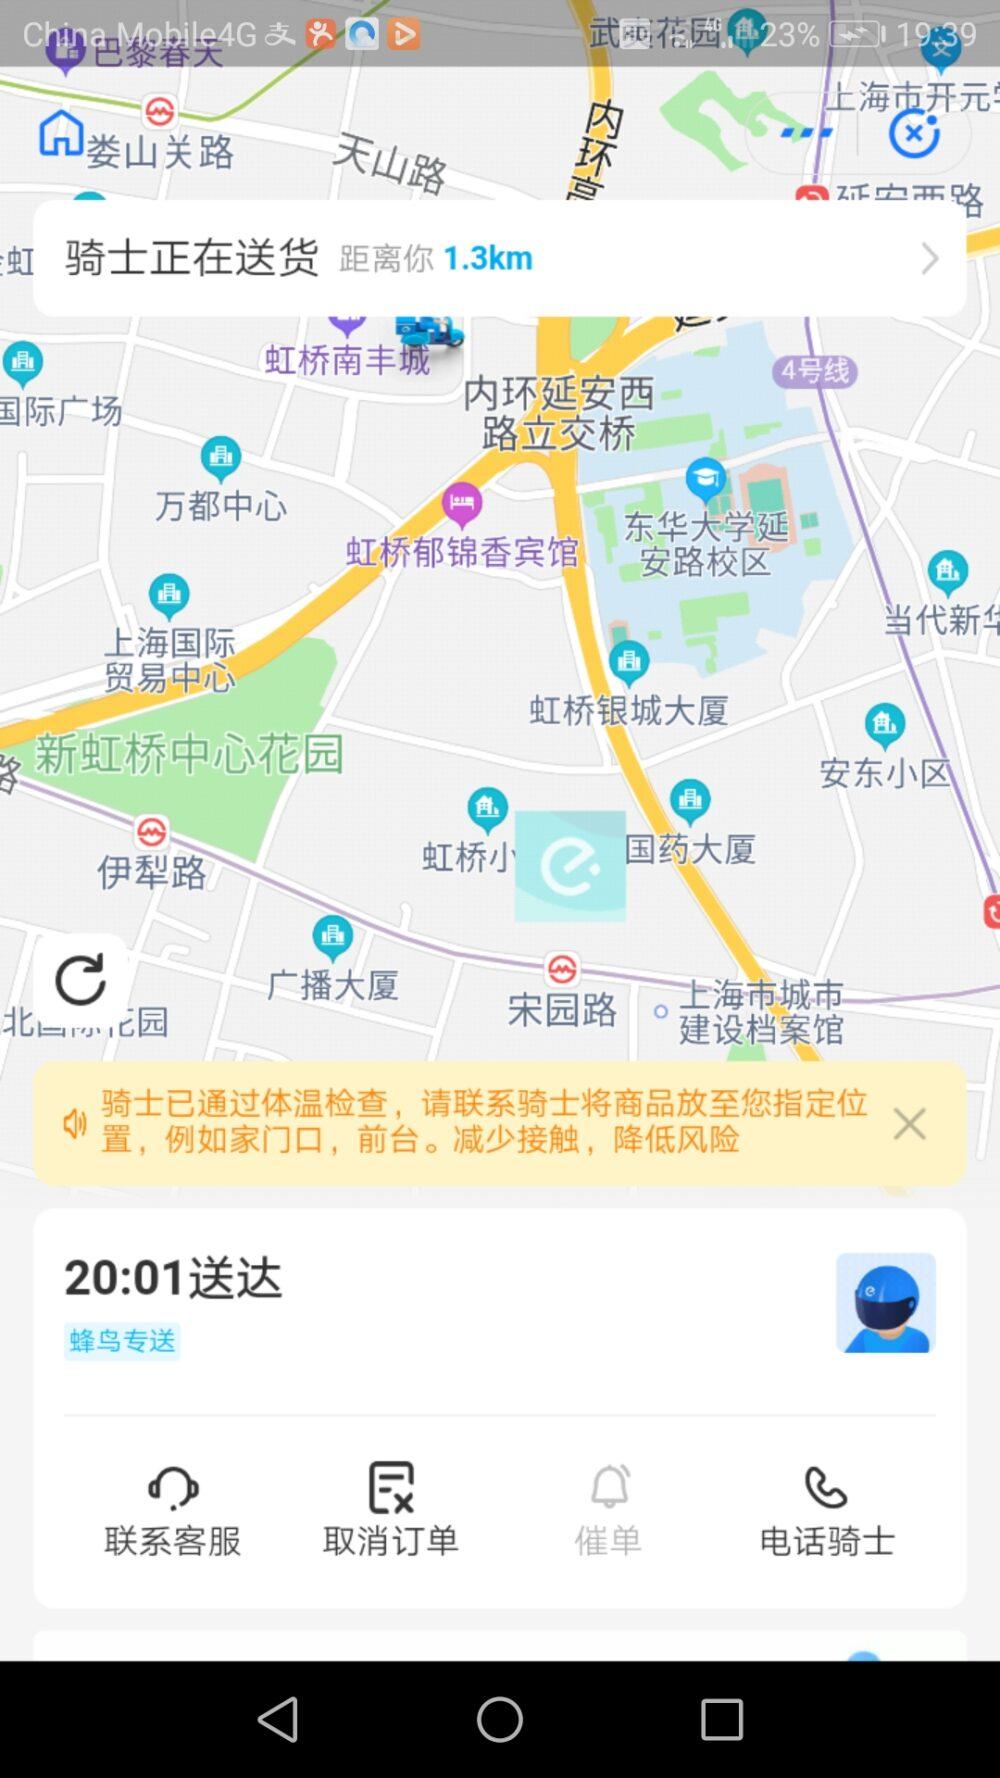 フードデリバリーアプリの饿了么でGPS機能を使いドライバーの位置情報を教えてくれる画面のスクリーンショット